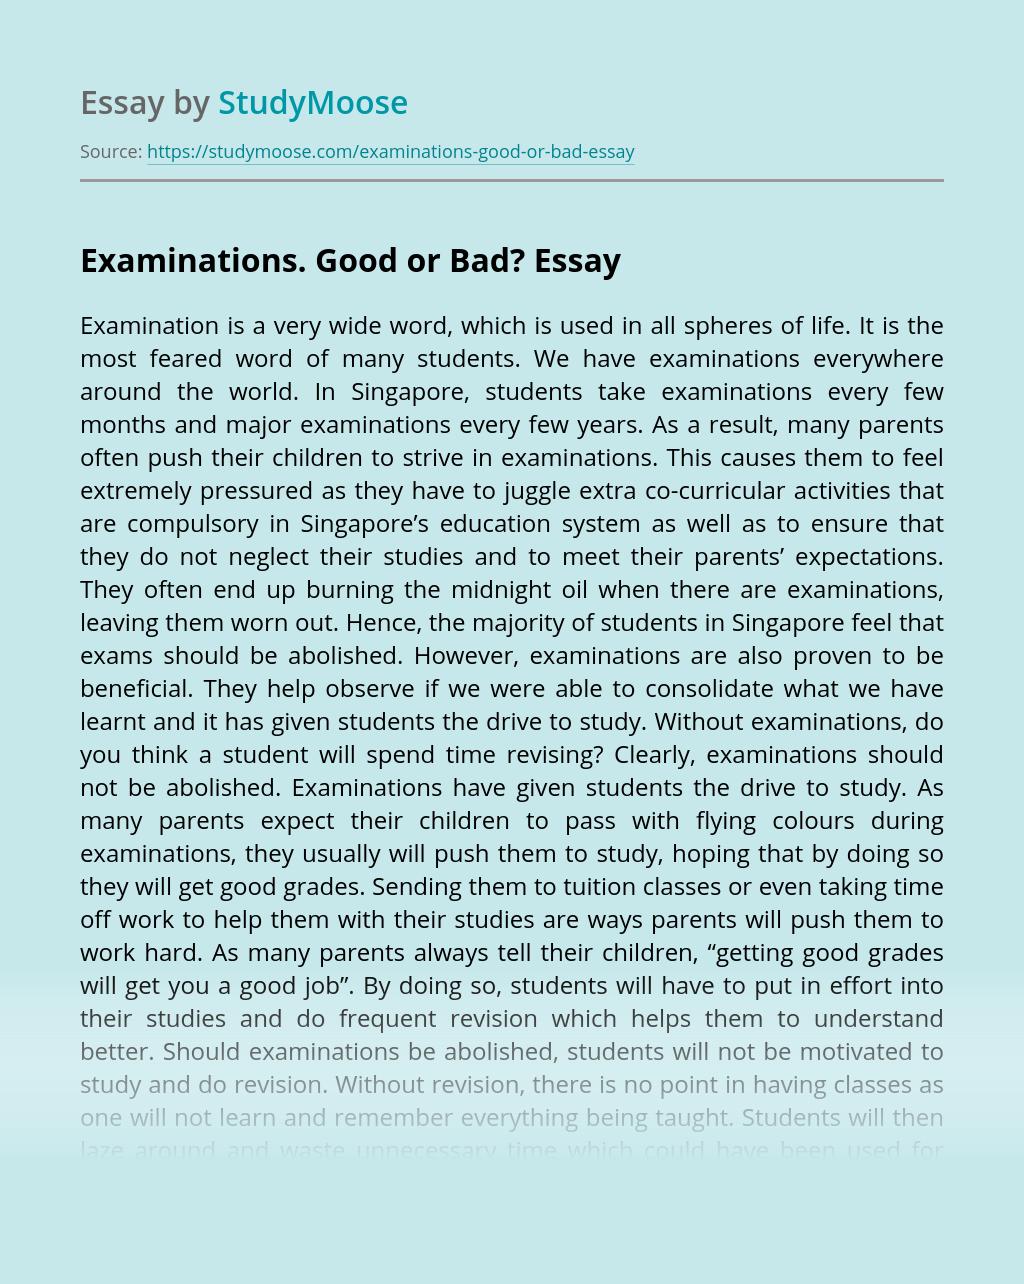 Examinations. Good or Bad?